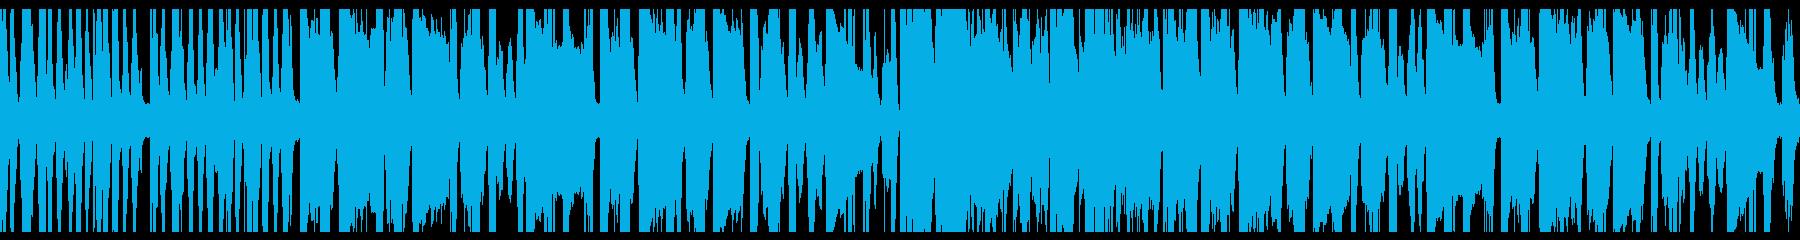 ブラスとフルートと打楽器のシンプルマーチの再生済みの波形